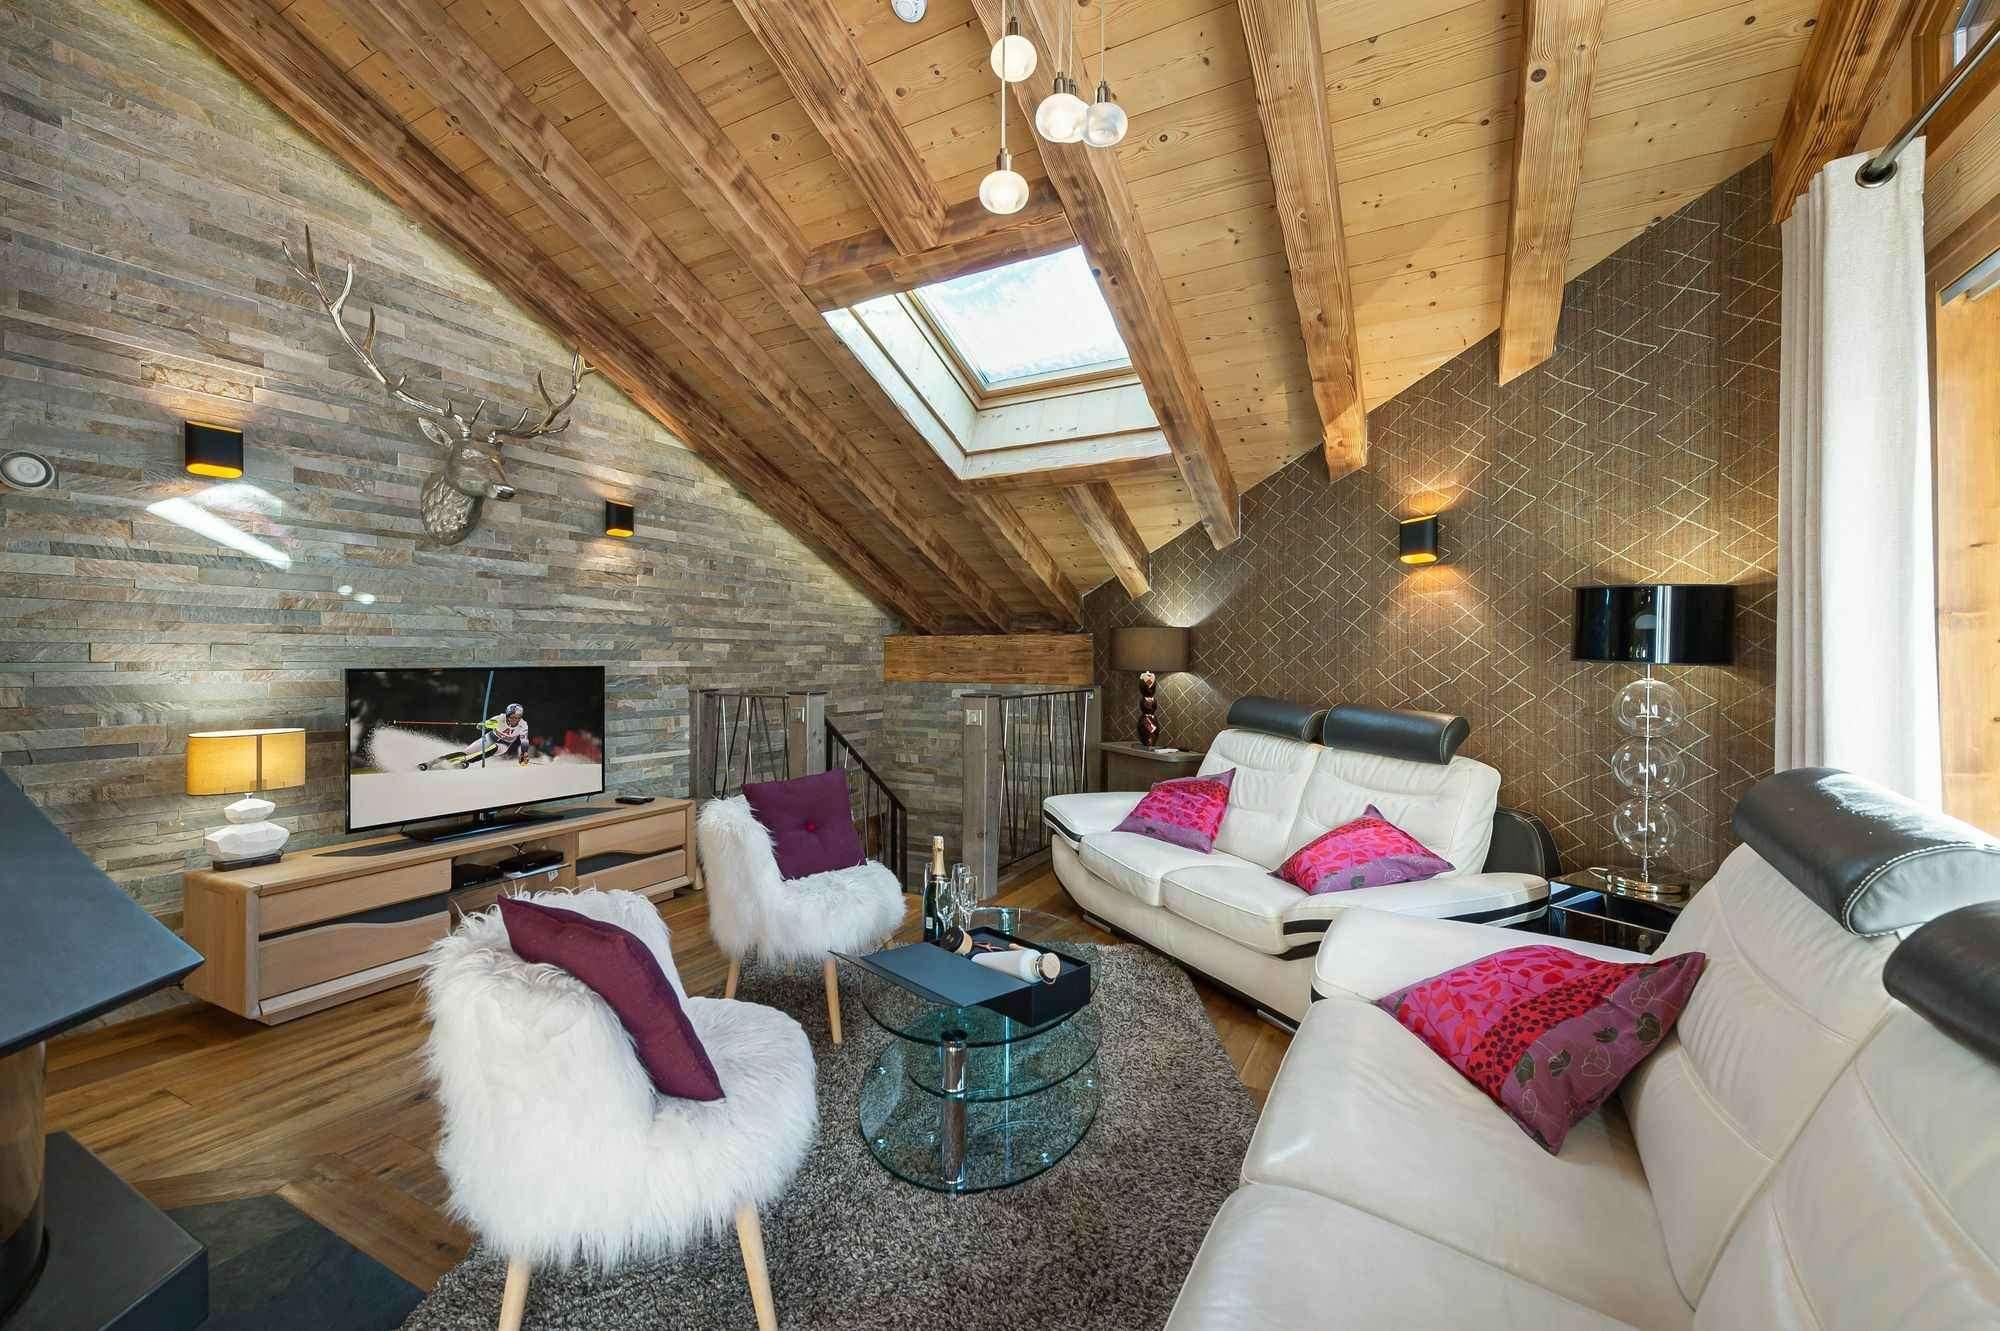 Accommodation in Courchevel Le Praz